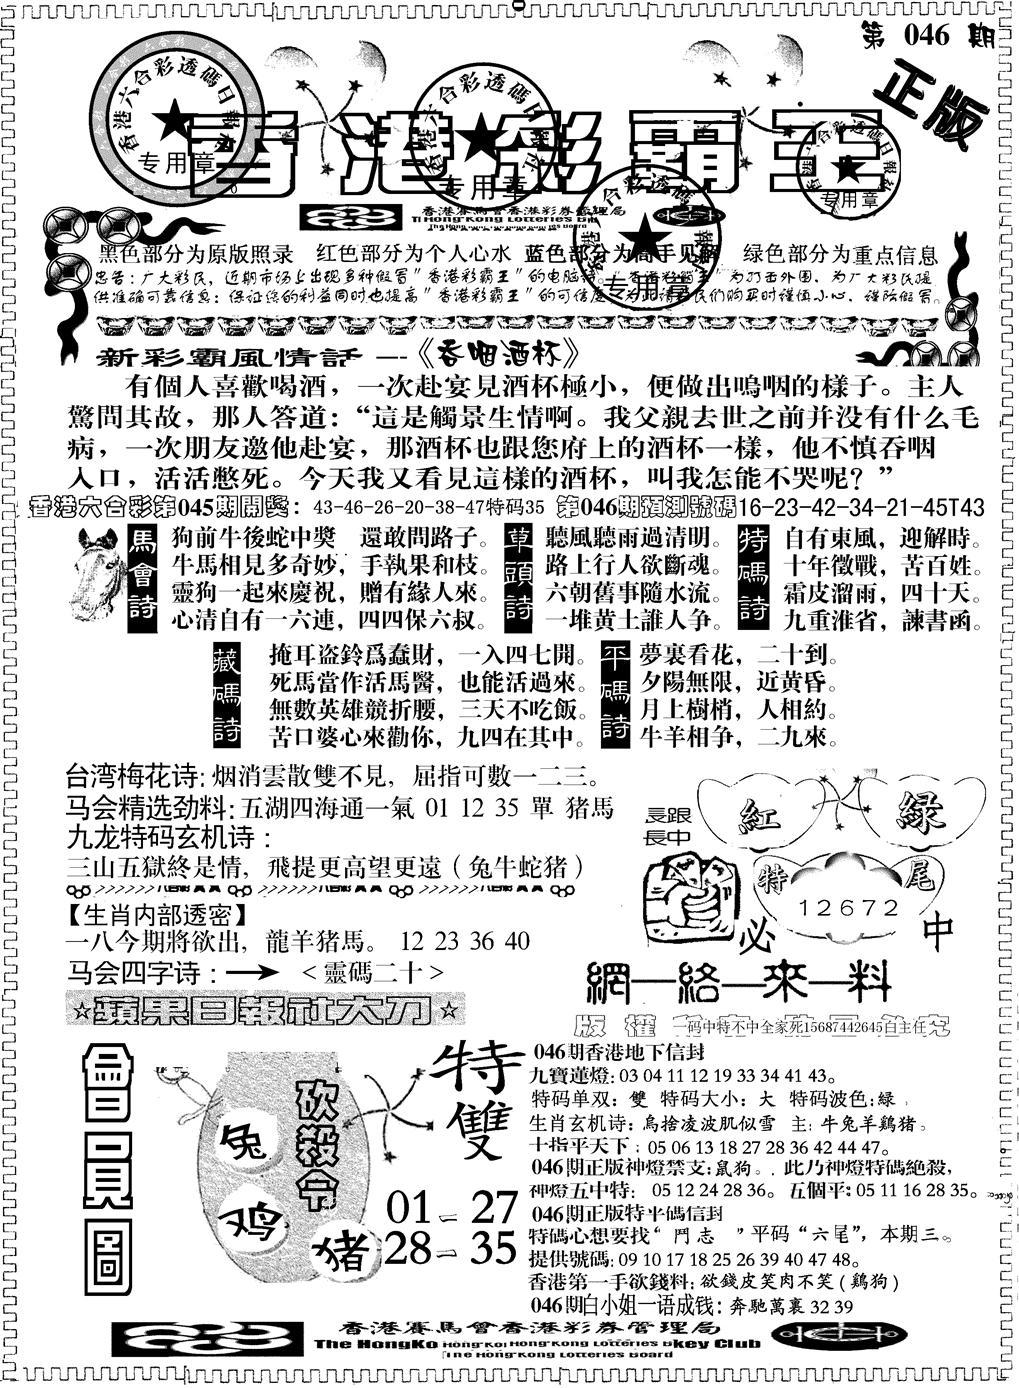 046期另版新版彩霸王A(黑白)